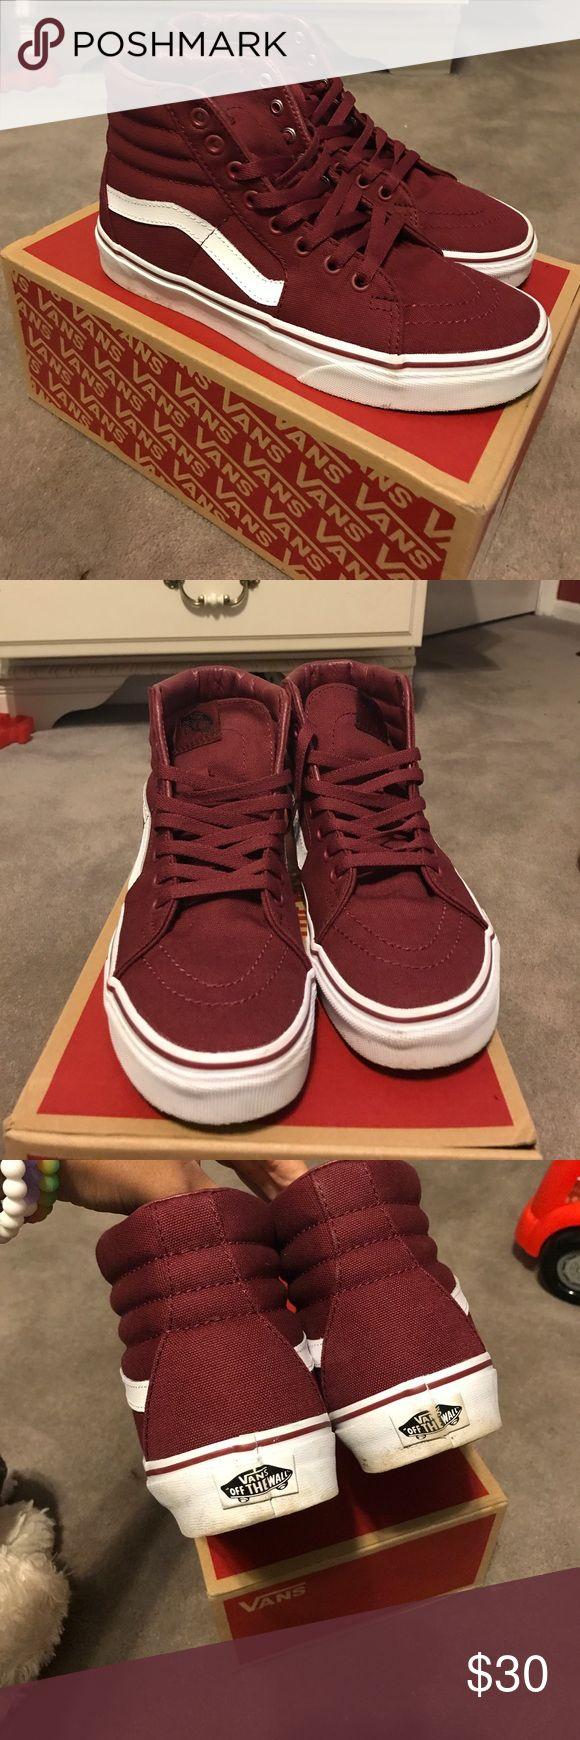 Burgundy vans high tops High top vans worn twice great condition comes with box 6.5 men's 8 women's Vans Shoes Sneakers